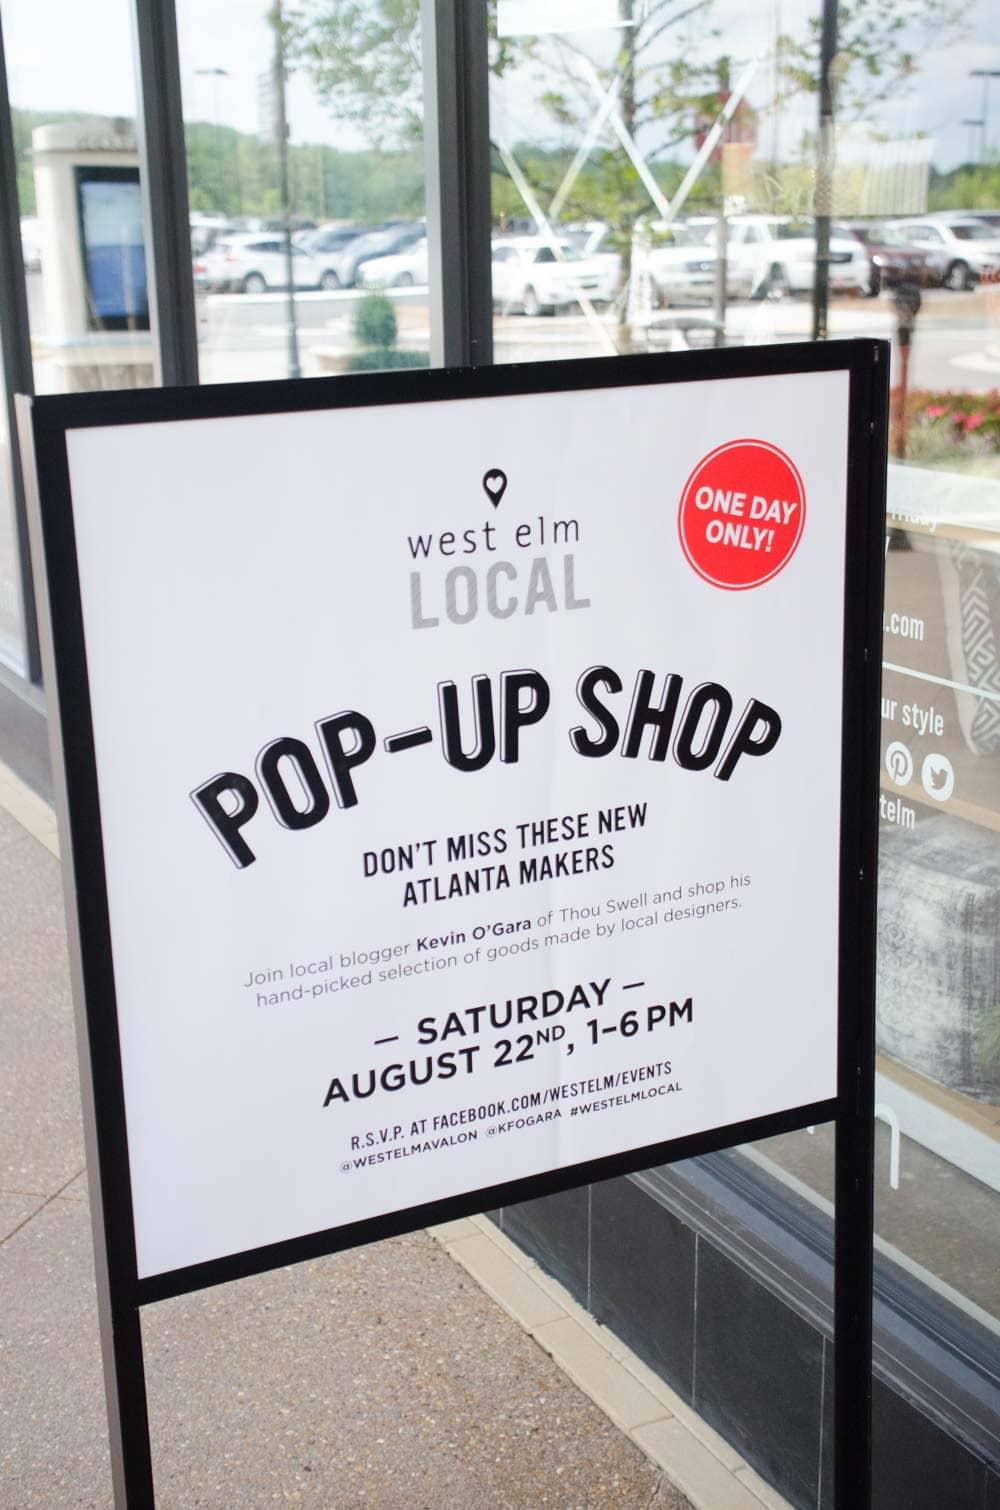 West Elm Local Pop-Up Shop